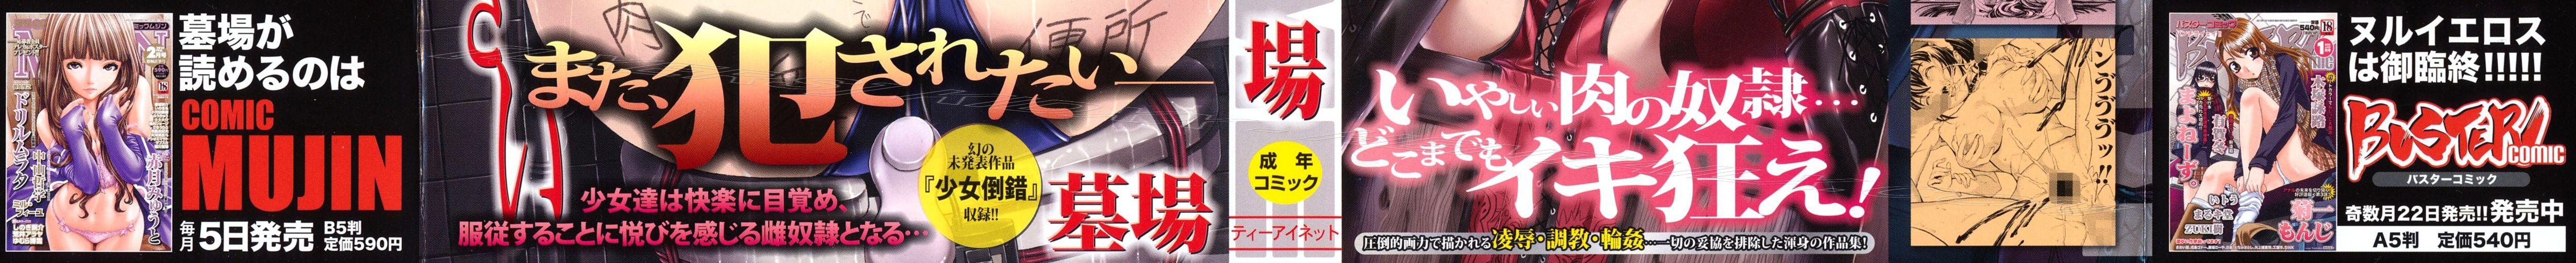 Hình ảnh historically lame www.hentairules.net 003 in Phang nát bướm em đi